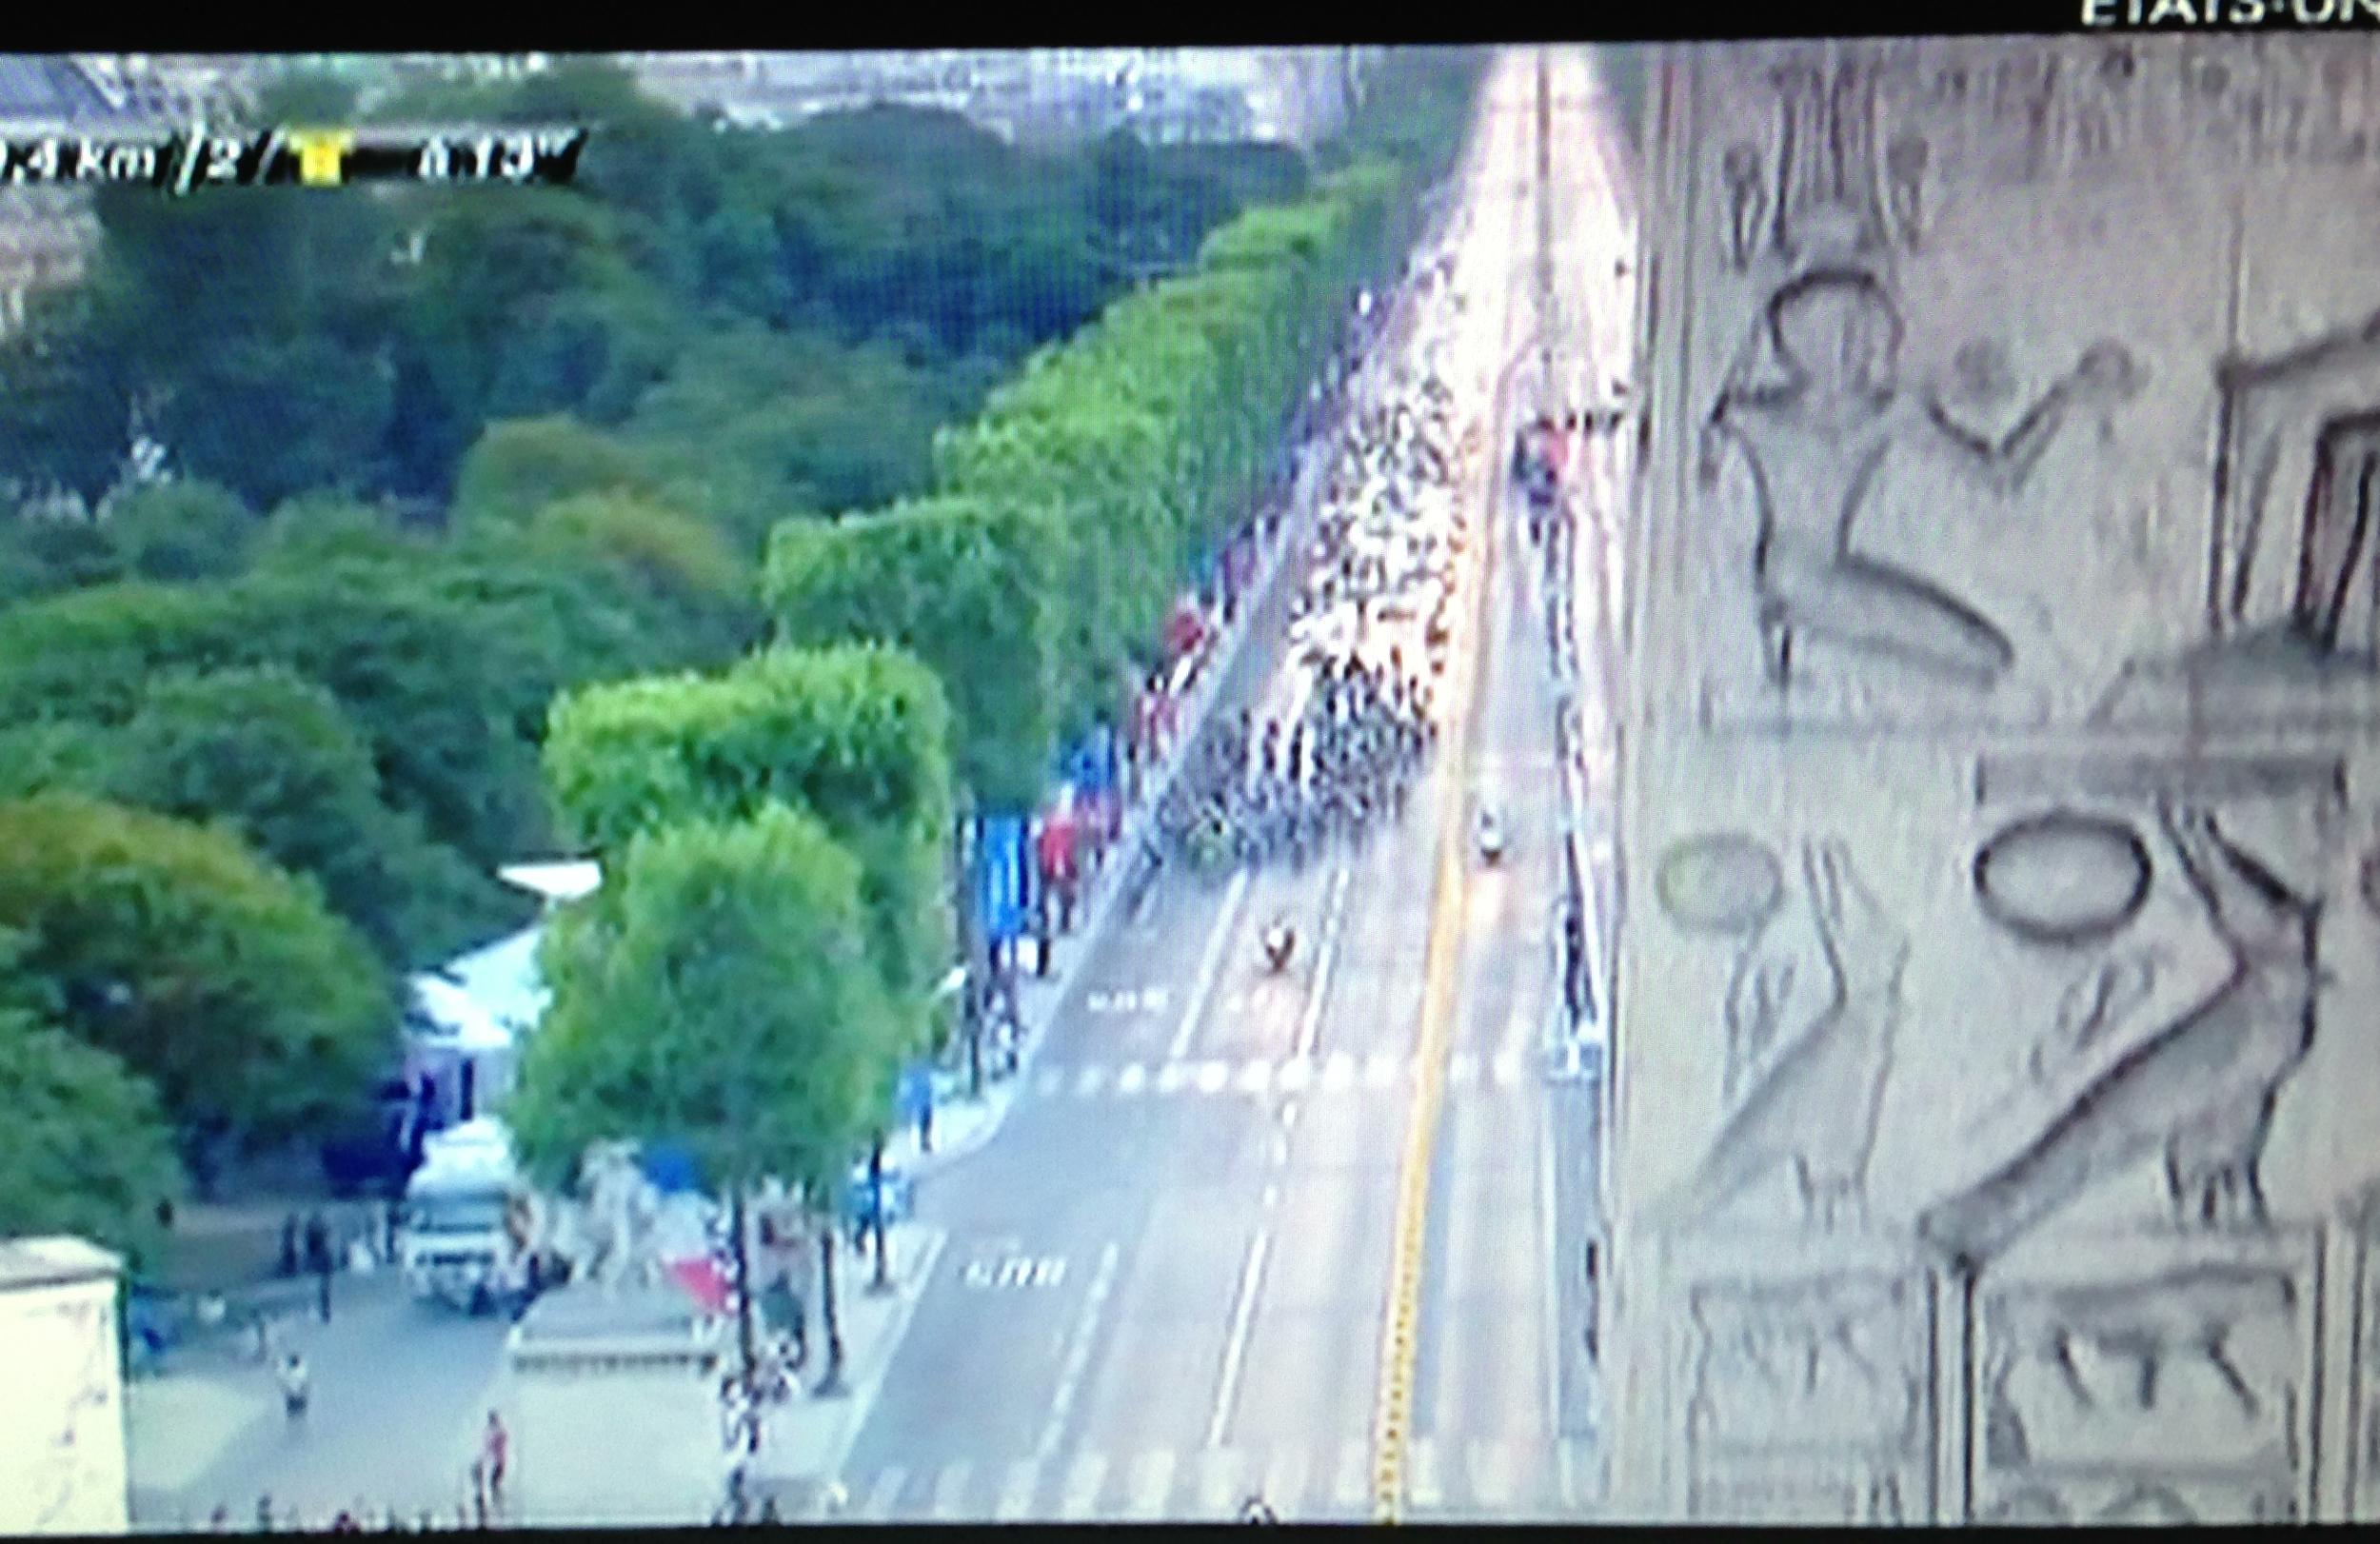 Le Tour de France with a view of the Hieroglyphs